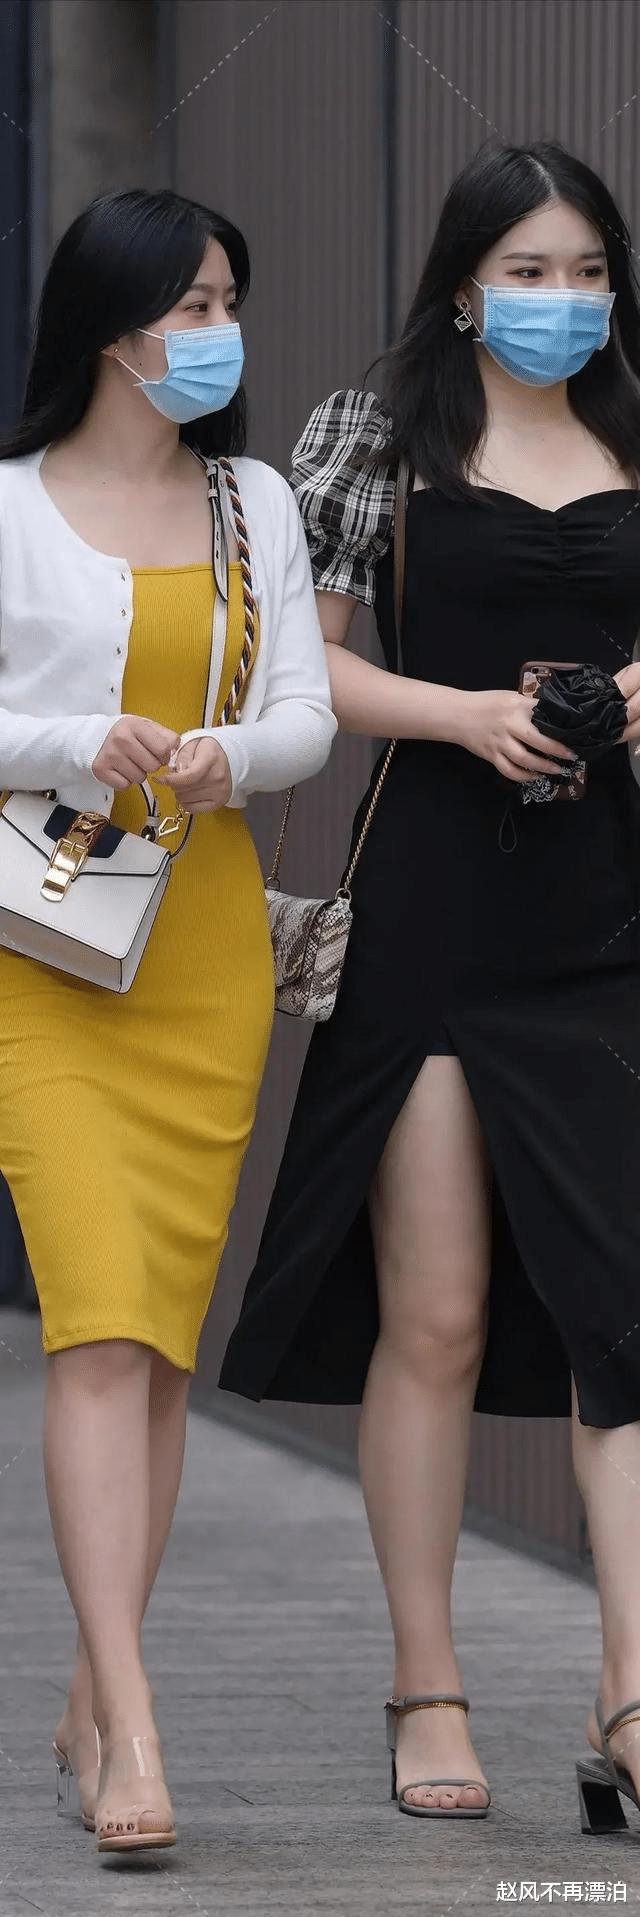 包臀裙穿在身上真时髦,时尚感体现出动人心弦的玲珑身形!